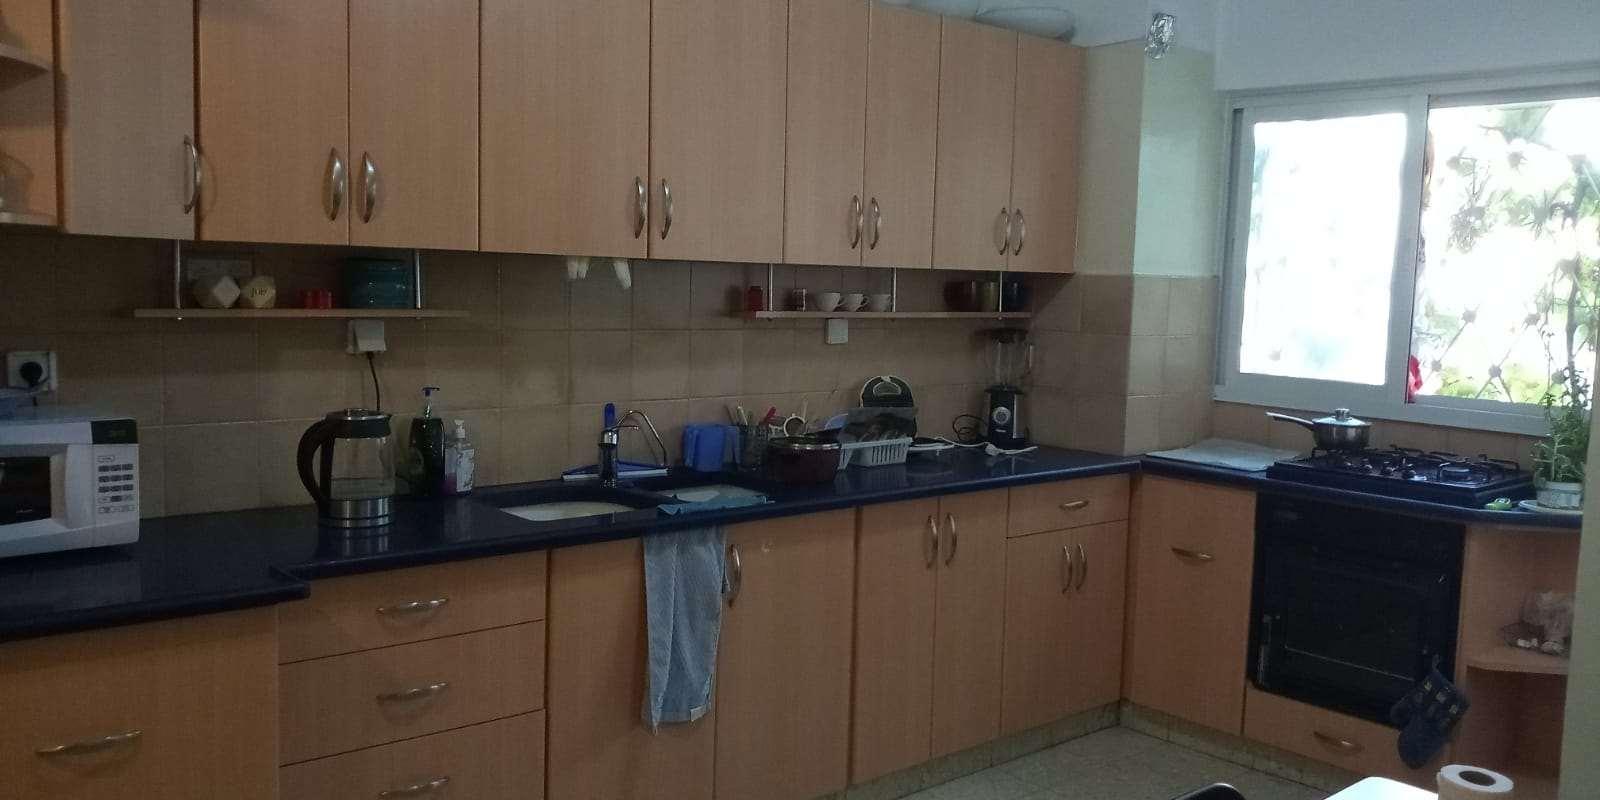 דירה להשכרה 3.5 חדרים בירושלים שדרות הרצל בית הכרם